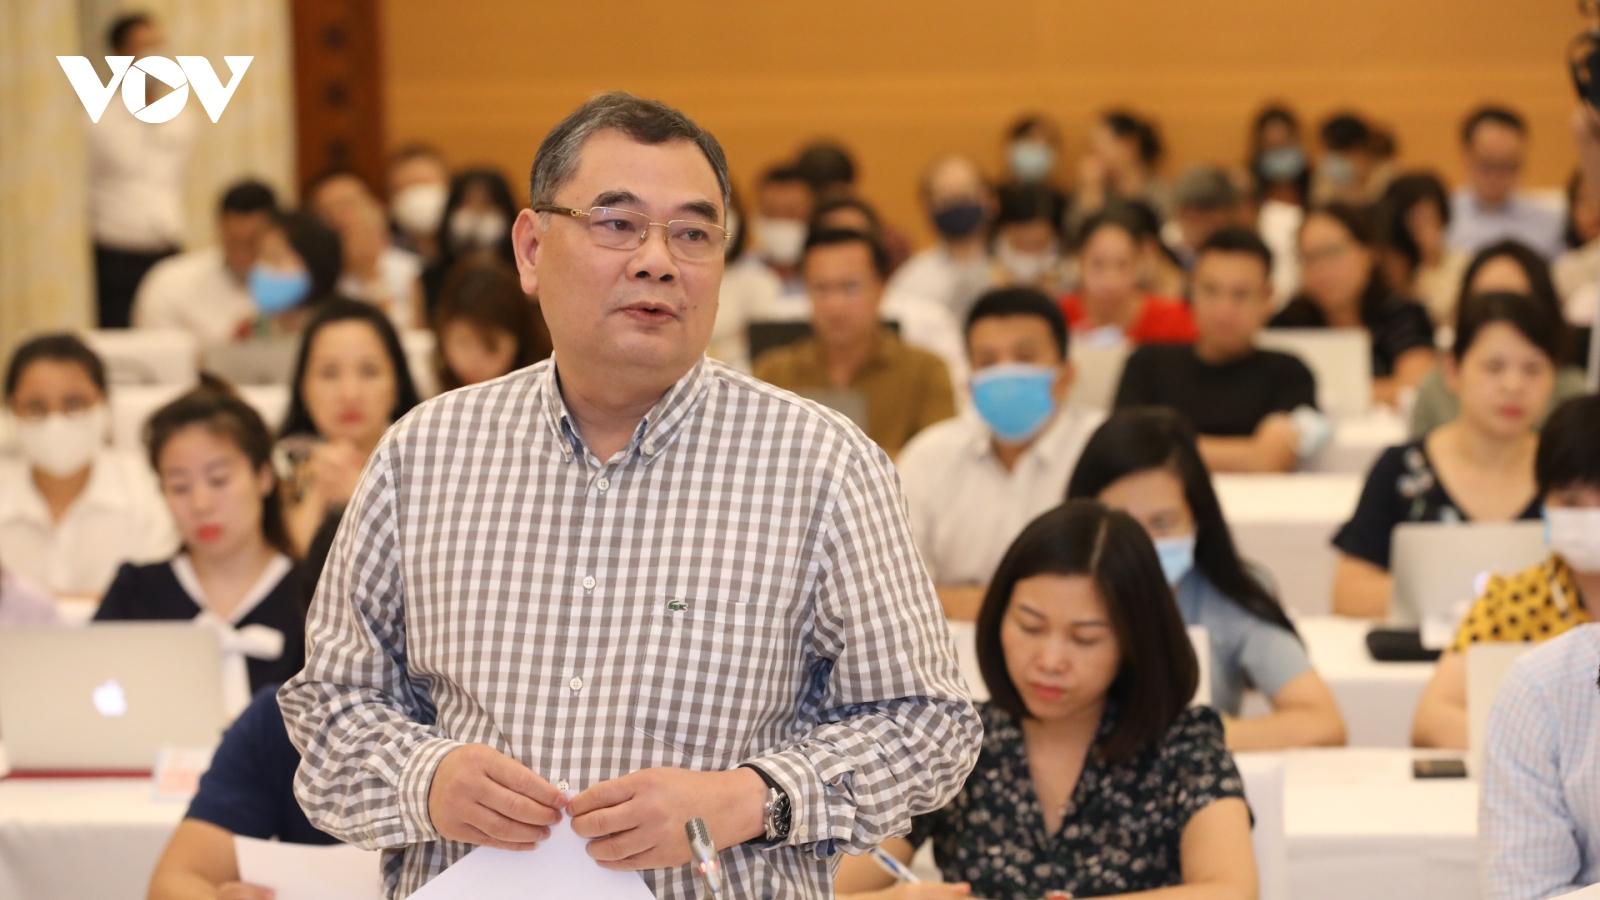 Người bệnh bị móc túi hơn 10 tỷ đồng trong vụ nâng khống thiết bị y tế tại BV Bạch Mai